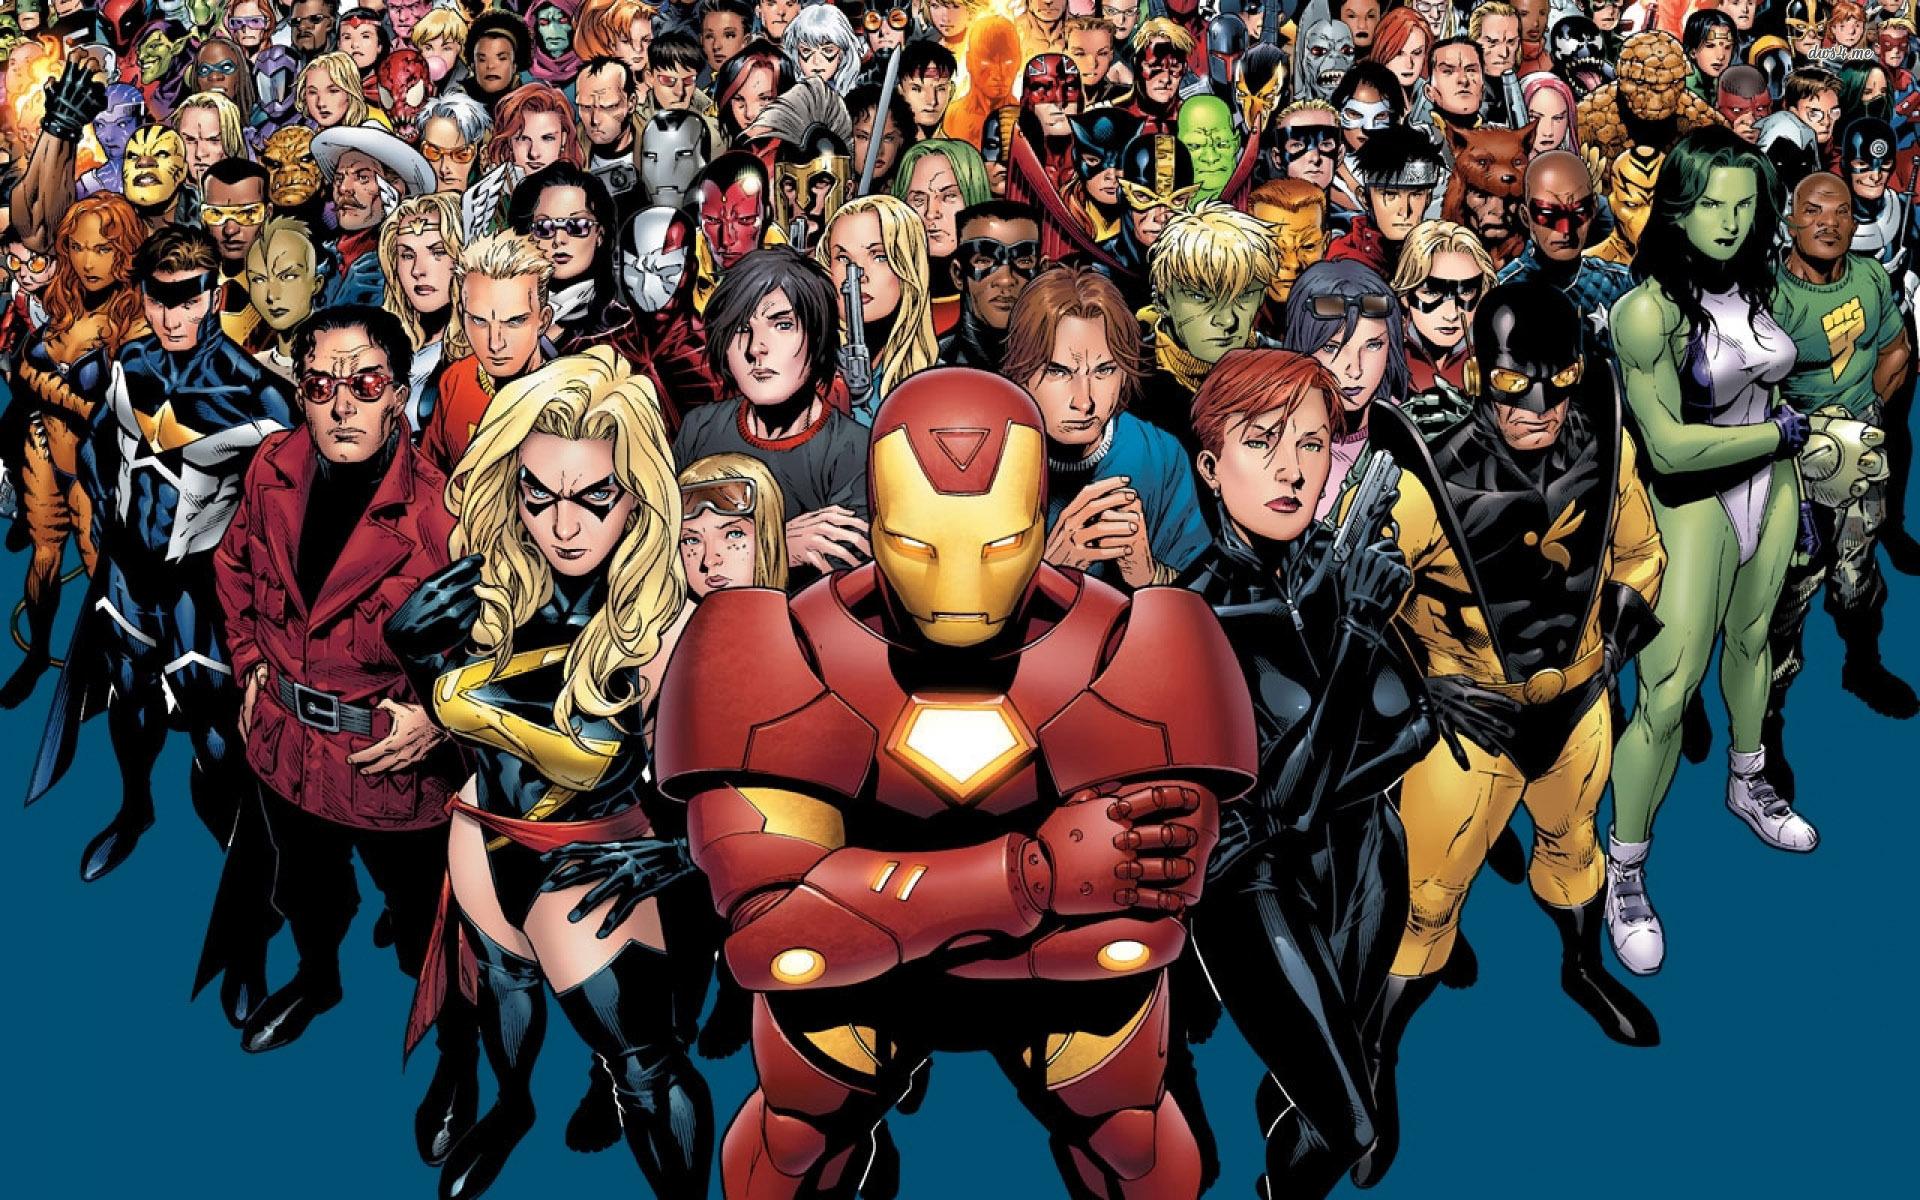 Marvel superheroes wallpapers wallpapersafari - Avengers superhero wallpaper ...